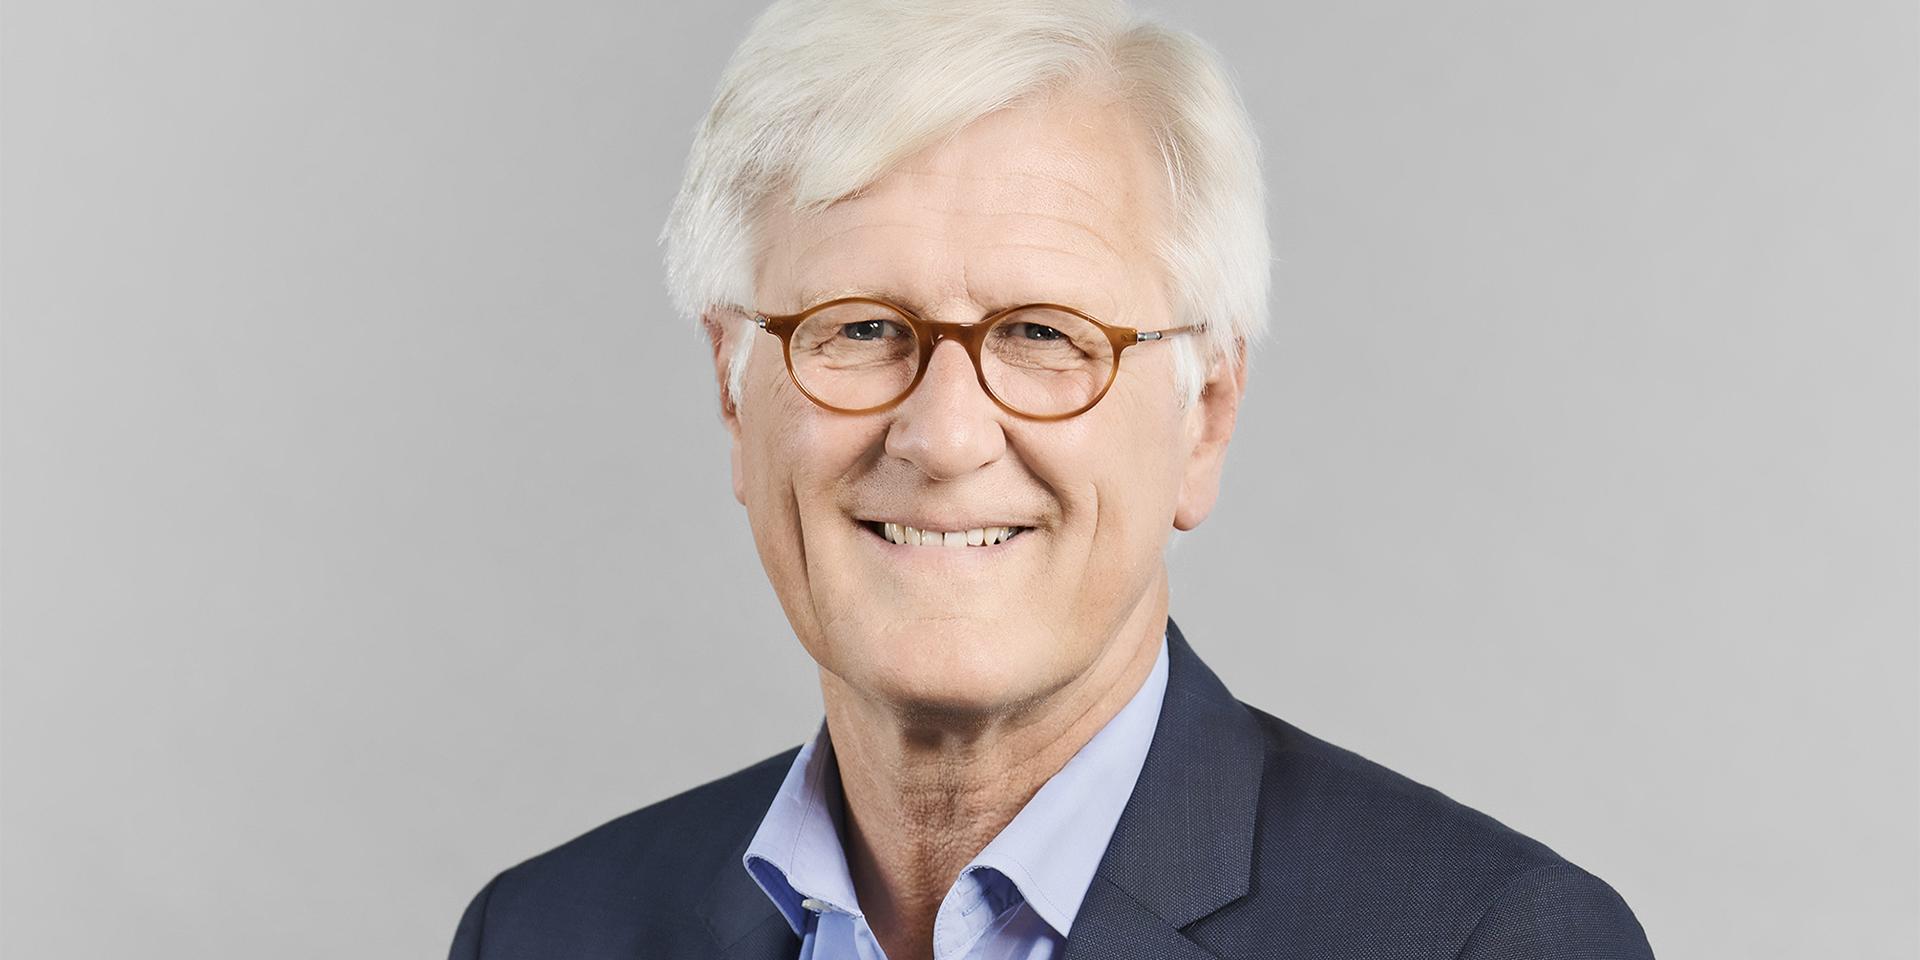 Professor Dr. Heinrich Bedford-Strohm, ELKB/Rost